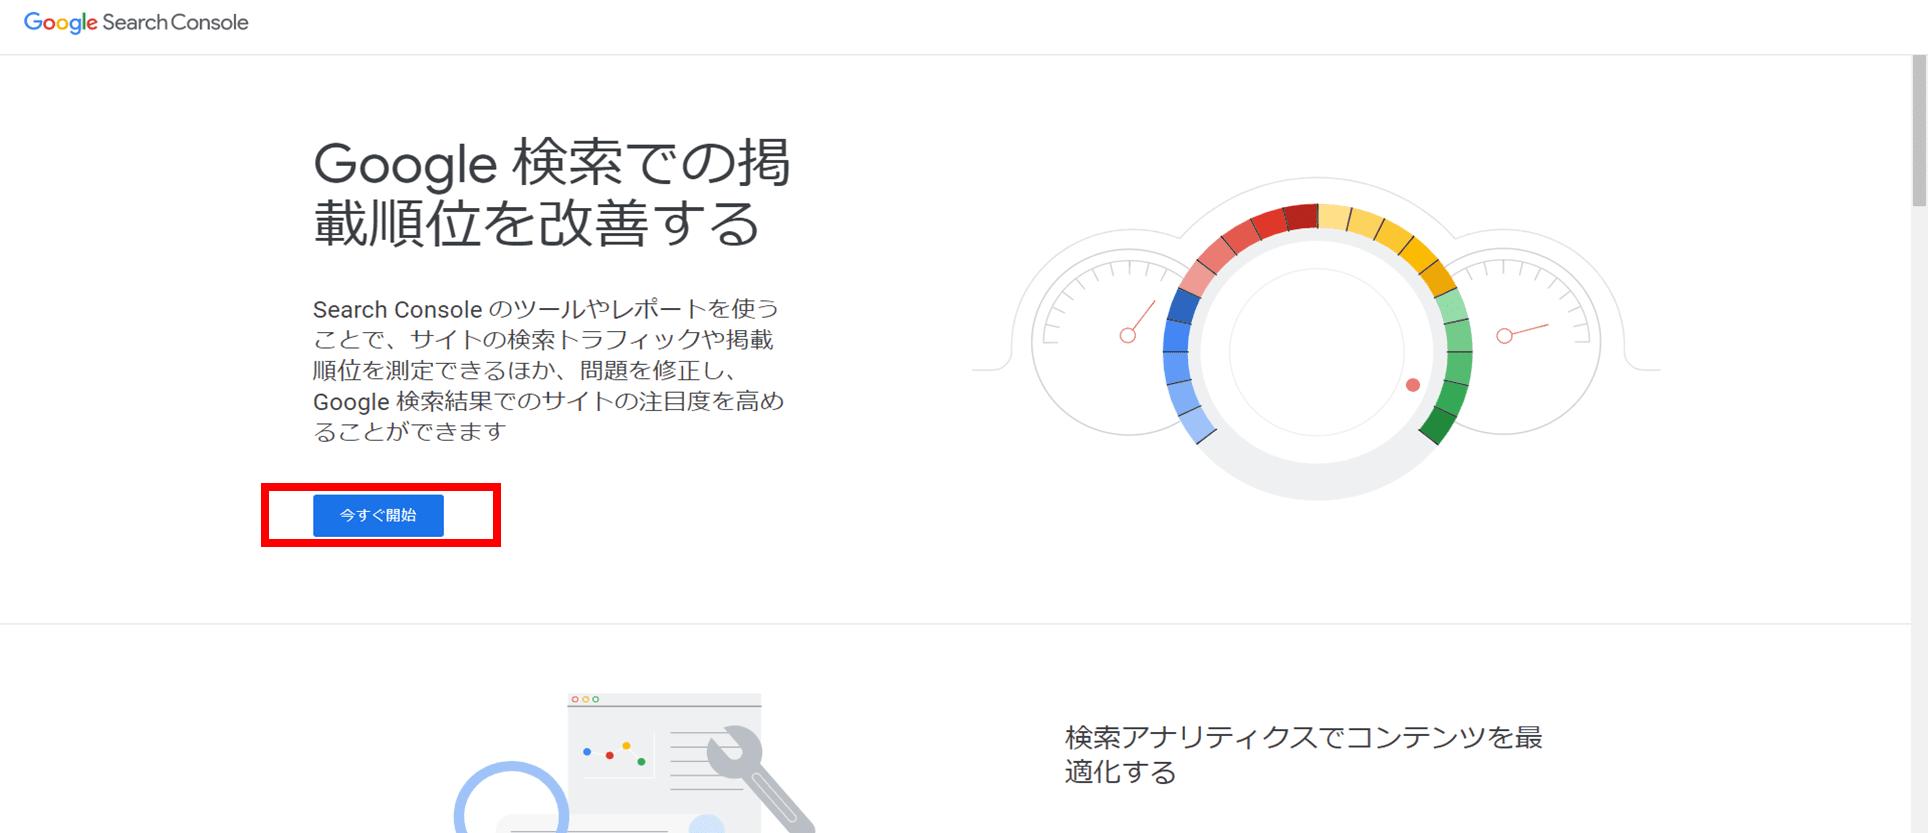 google-search-console-intro-1